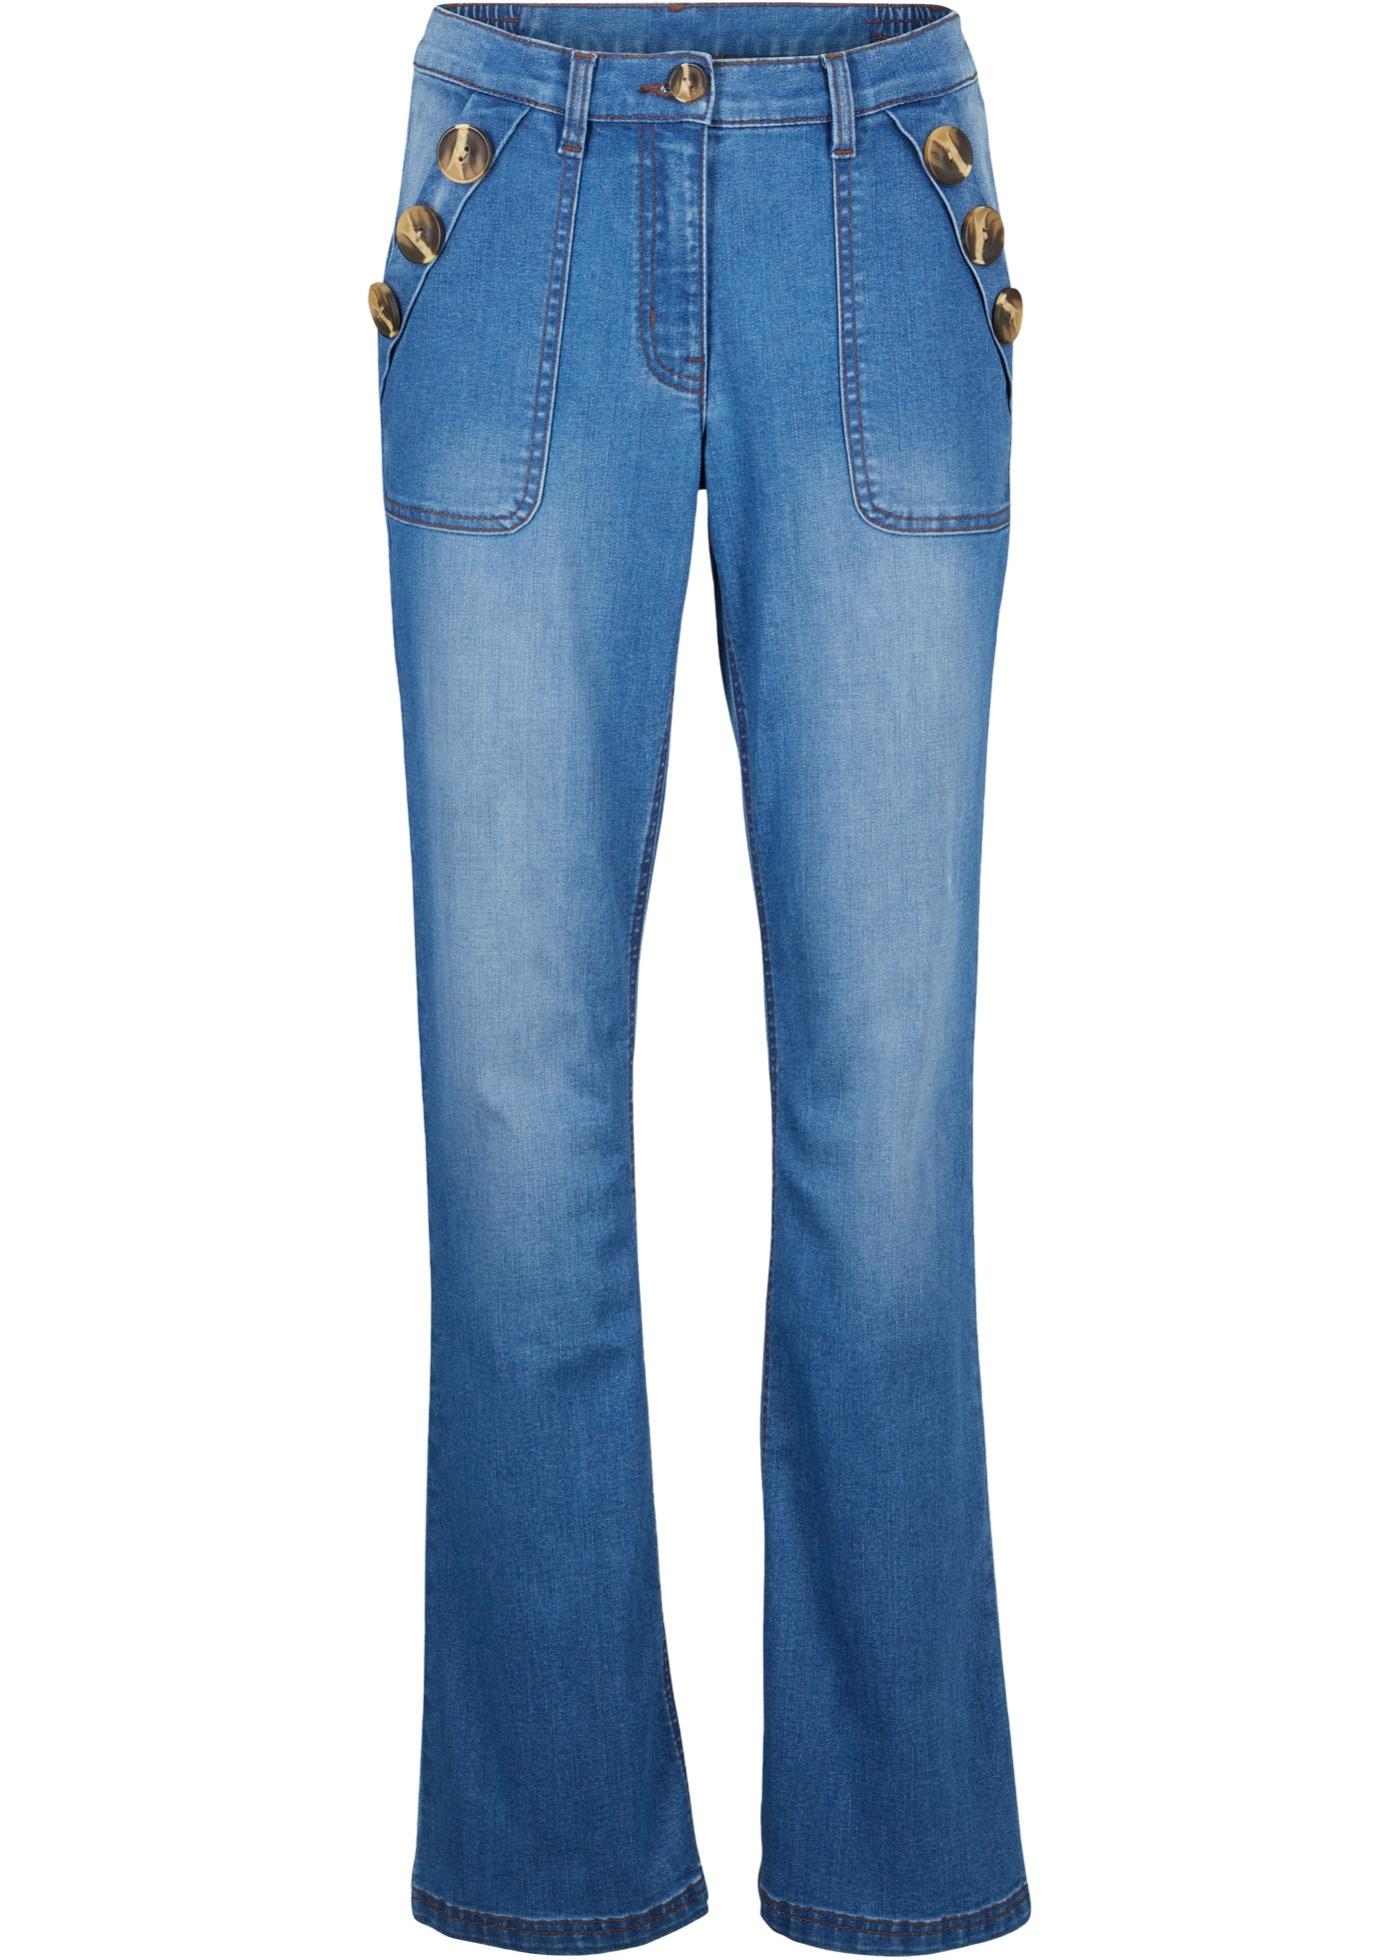 Nachhaltige Jeans, Recycled Polyester, Bootcut in blau für Damen von bonprix